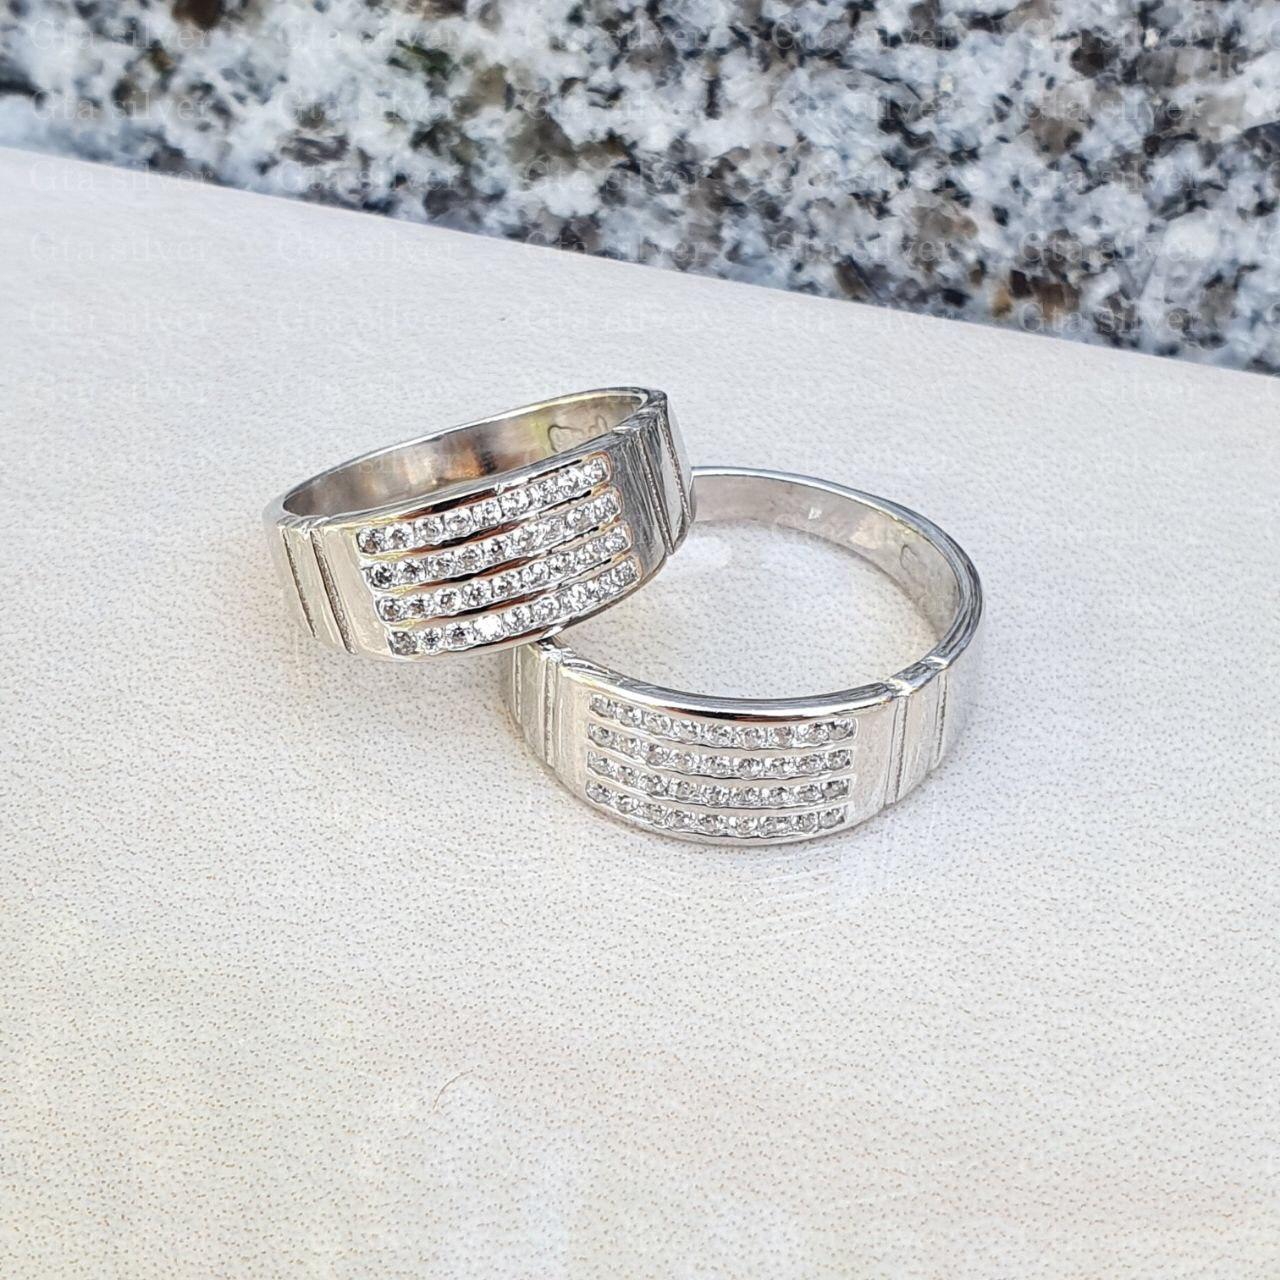 ست حلقه ازدواج وزن 7.5 گرم مدل 36